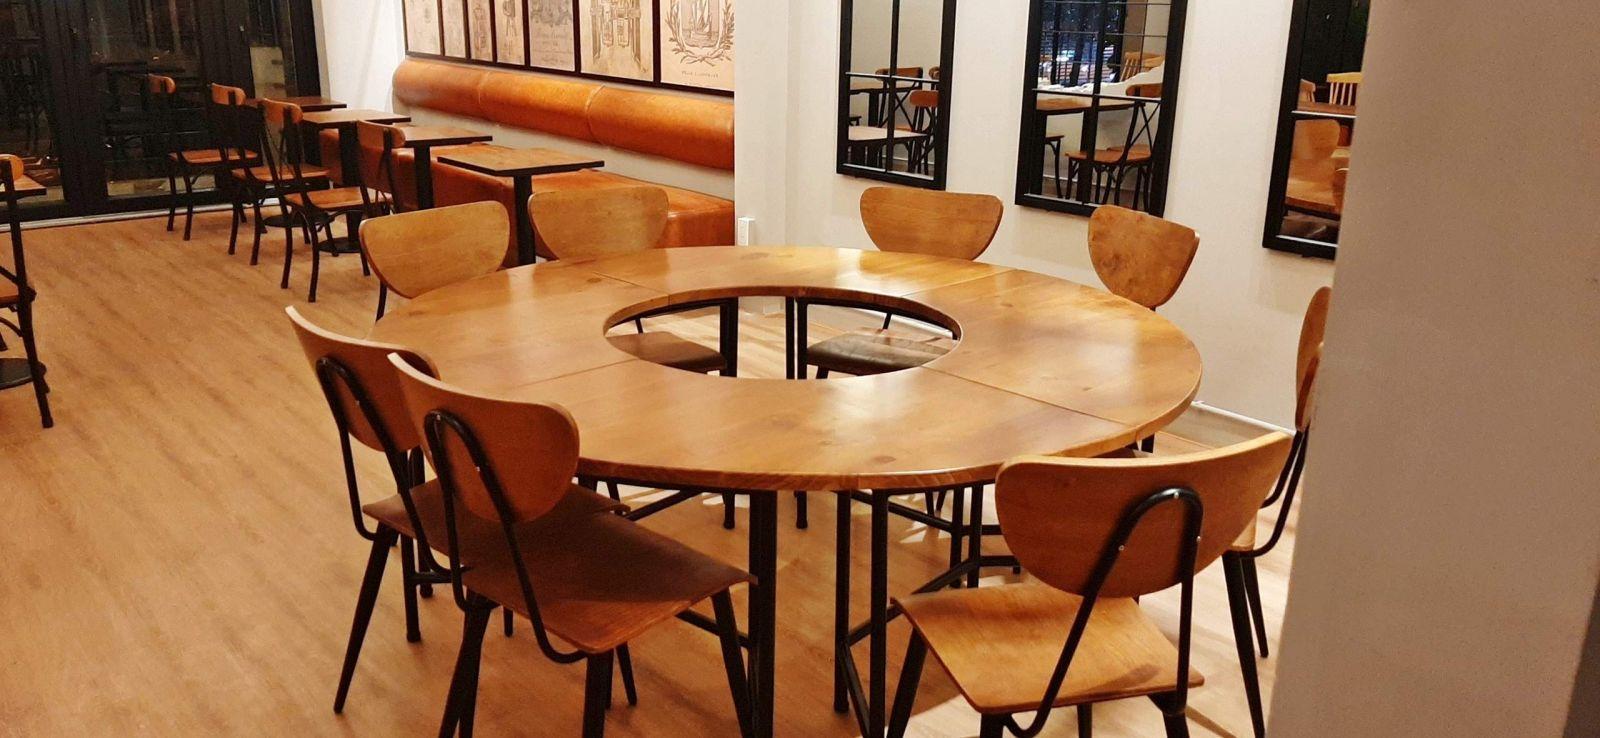 mẫu bàn nhóm vintage nổi bật nội thất quán cafe